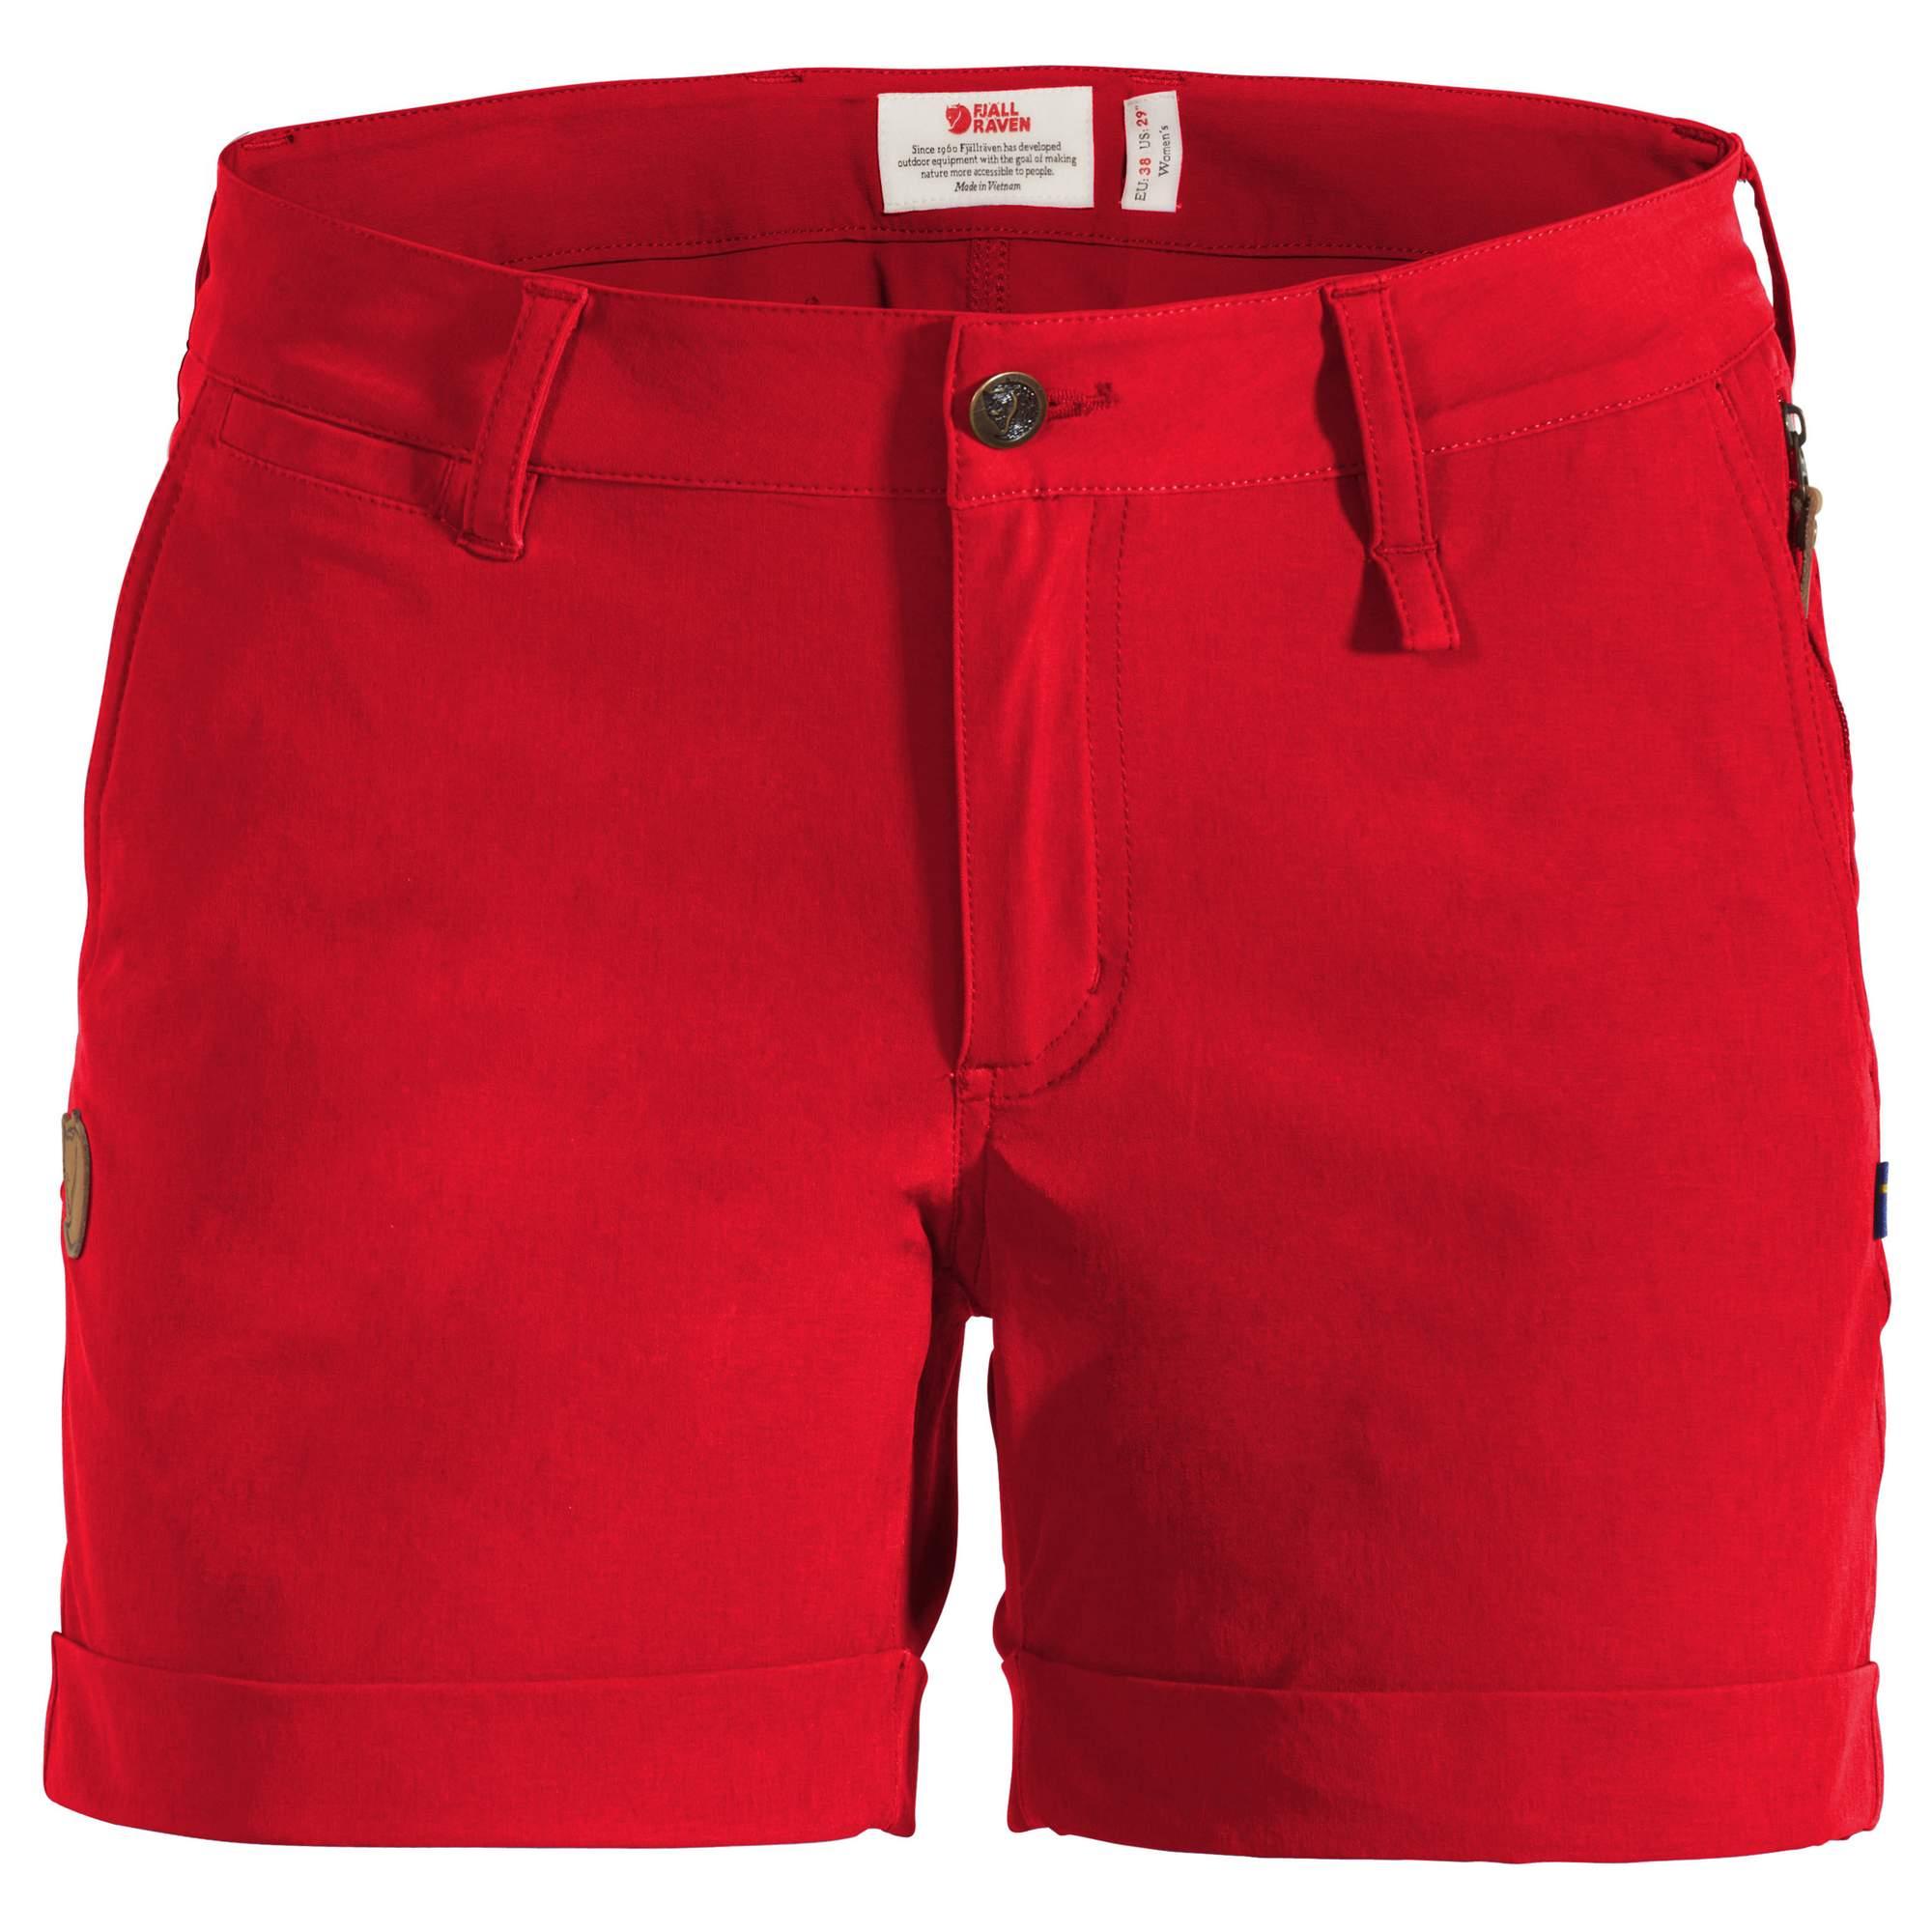 Fjällräven Abisko Stretch Short W Damen Gr. 38 - rot / red - Sommer-Trekkingho